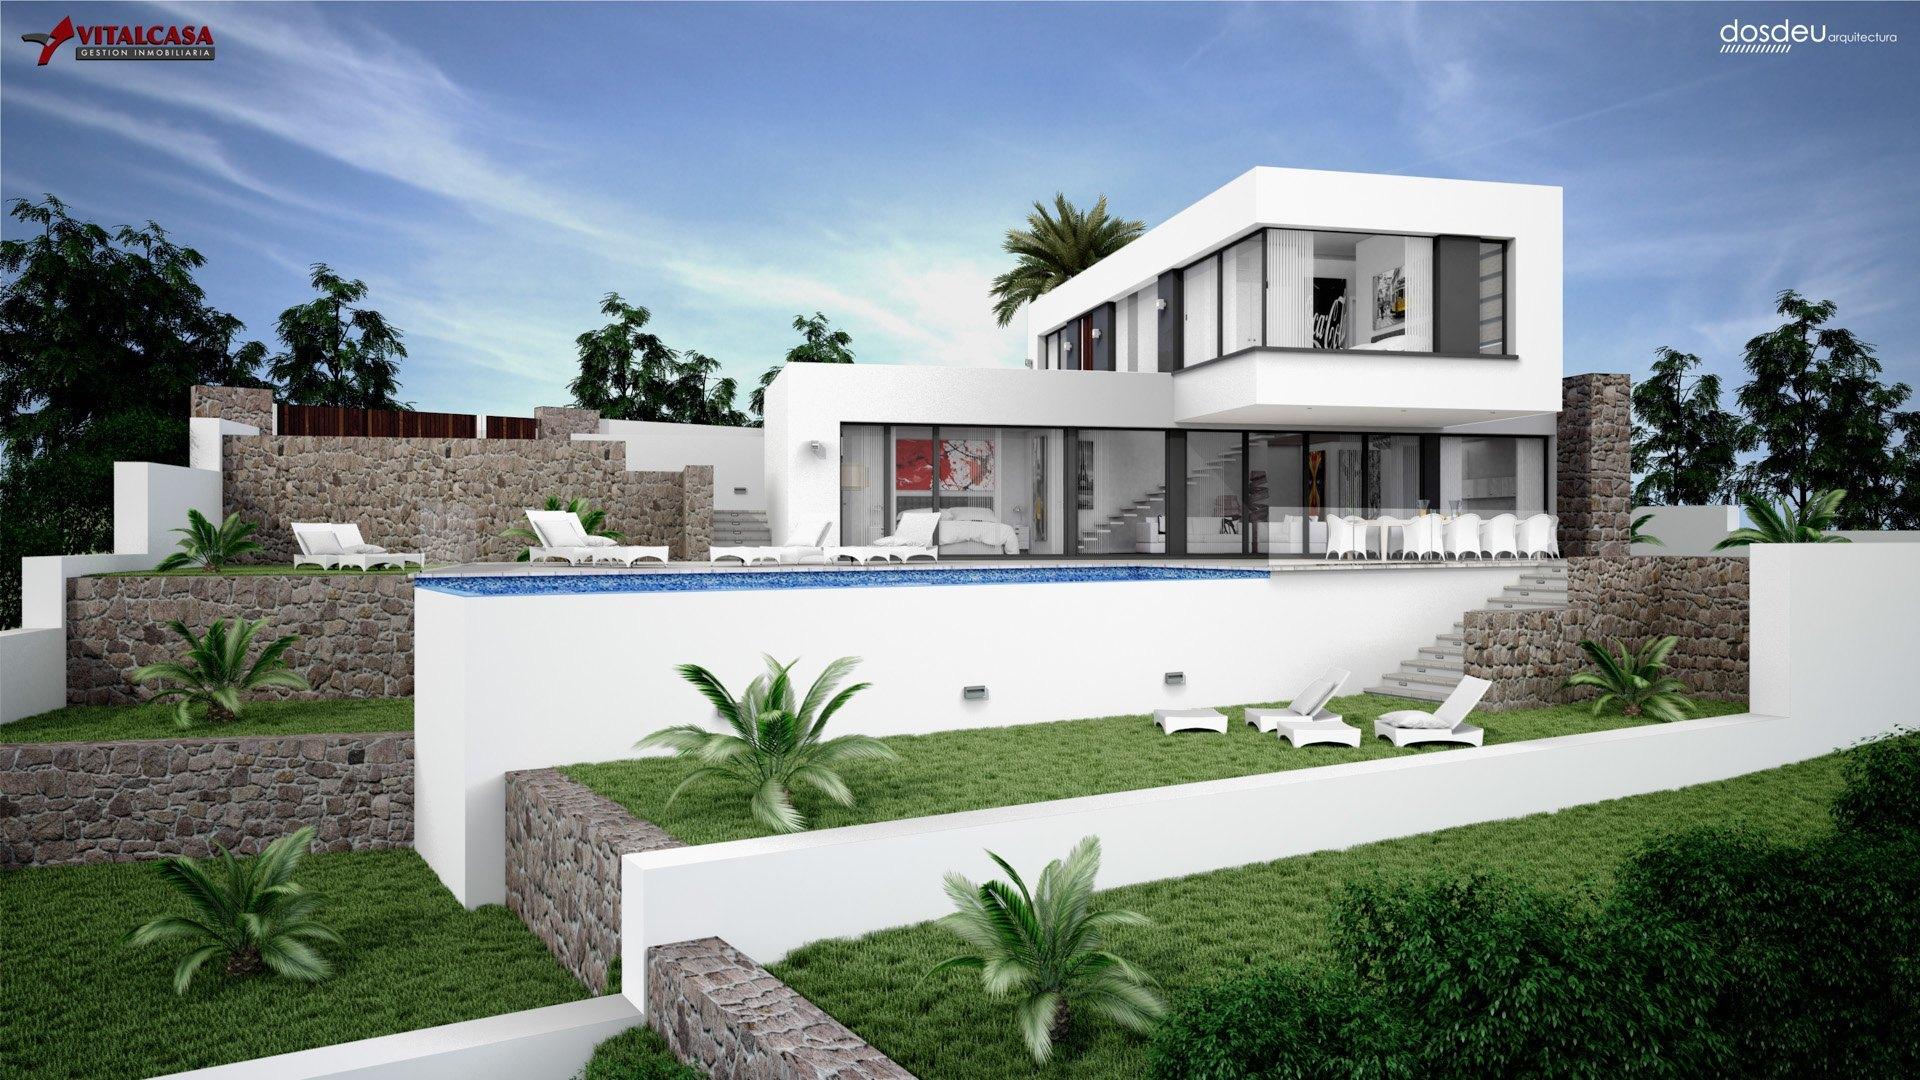 vitalcasa-propiedades_5734359a0d229-source